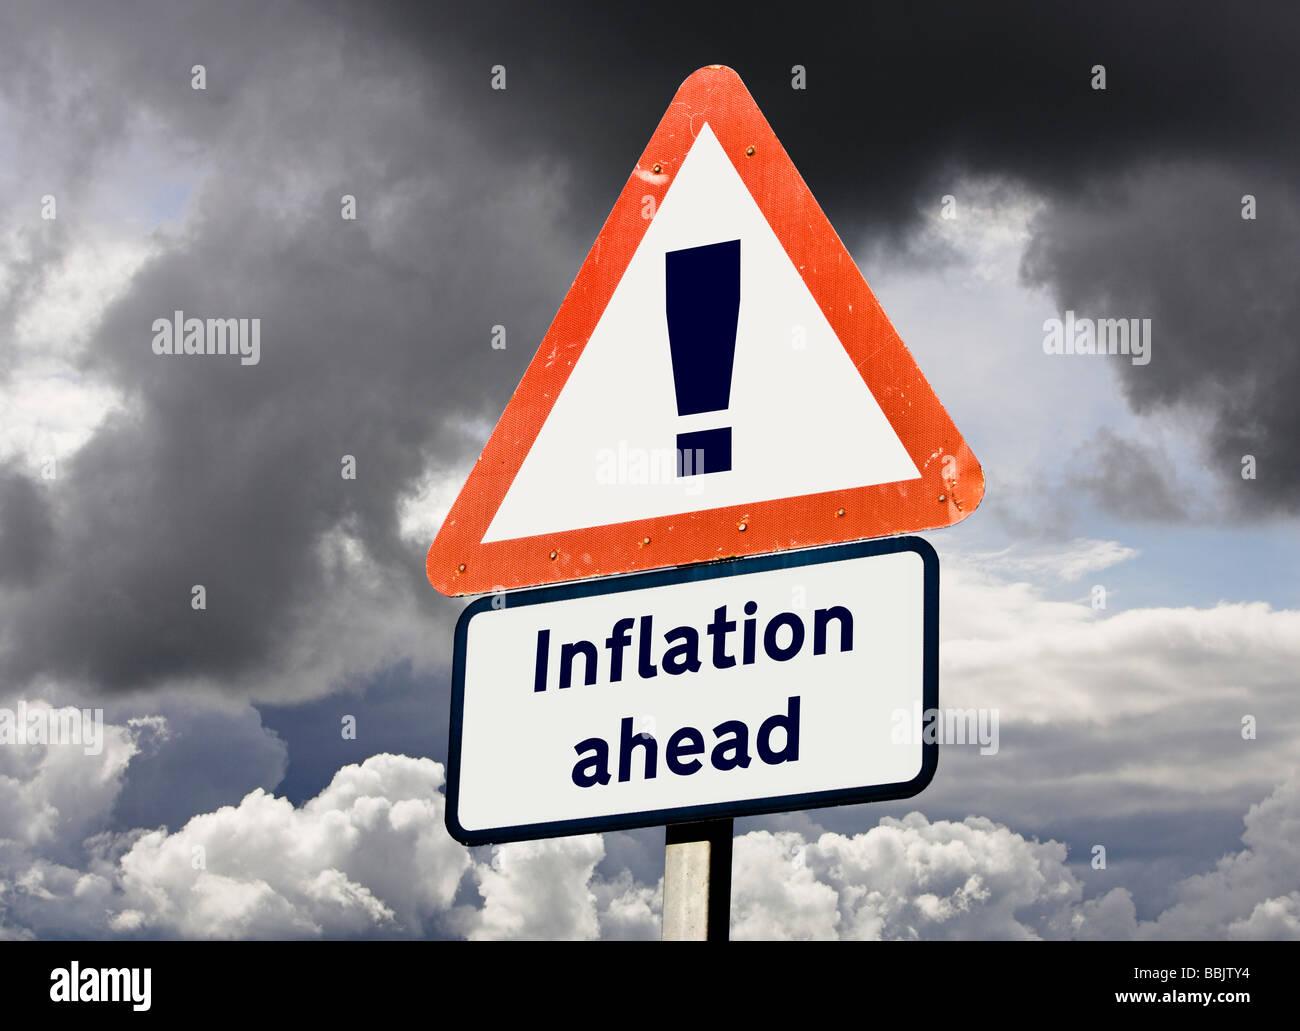 Concetto di segno che mostra l'inflazione in aumento in anticipo - previsione futuro, economia, economia concetti, Immagini Stock